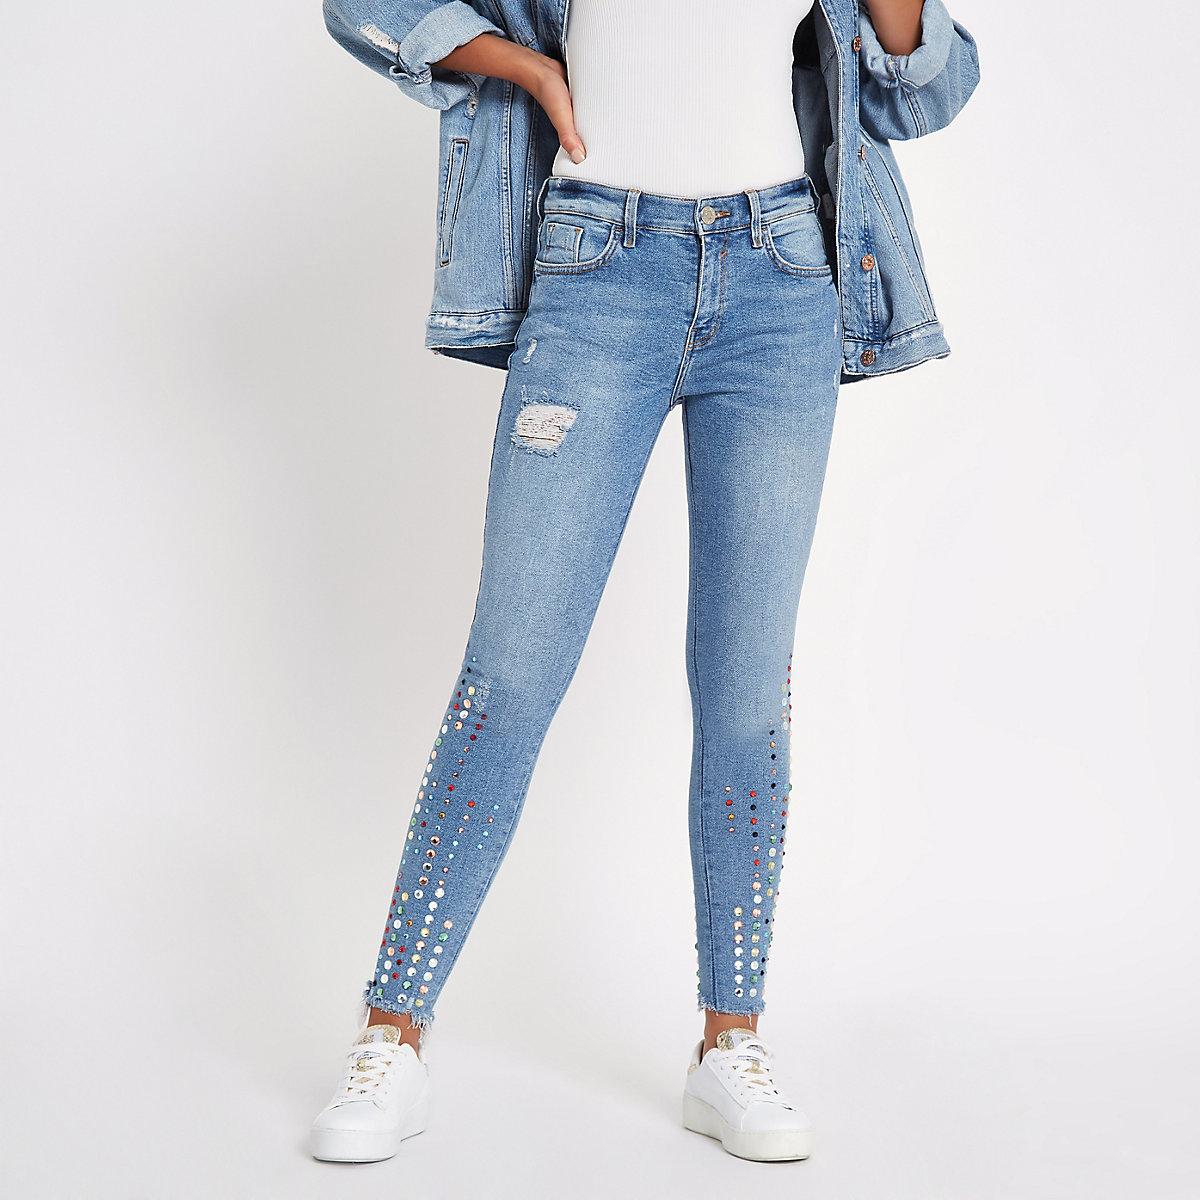 Amelie - Blauwe skinny jeans met halfhoge taille en siersteentjes